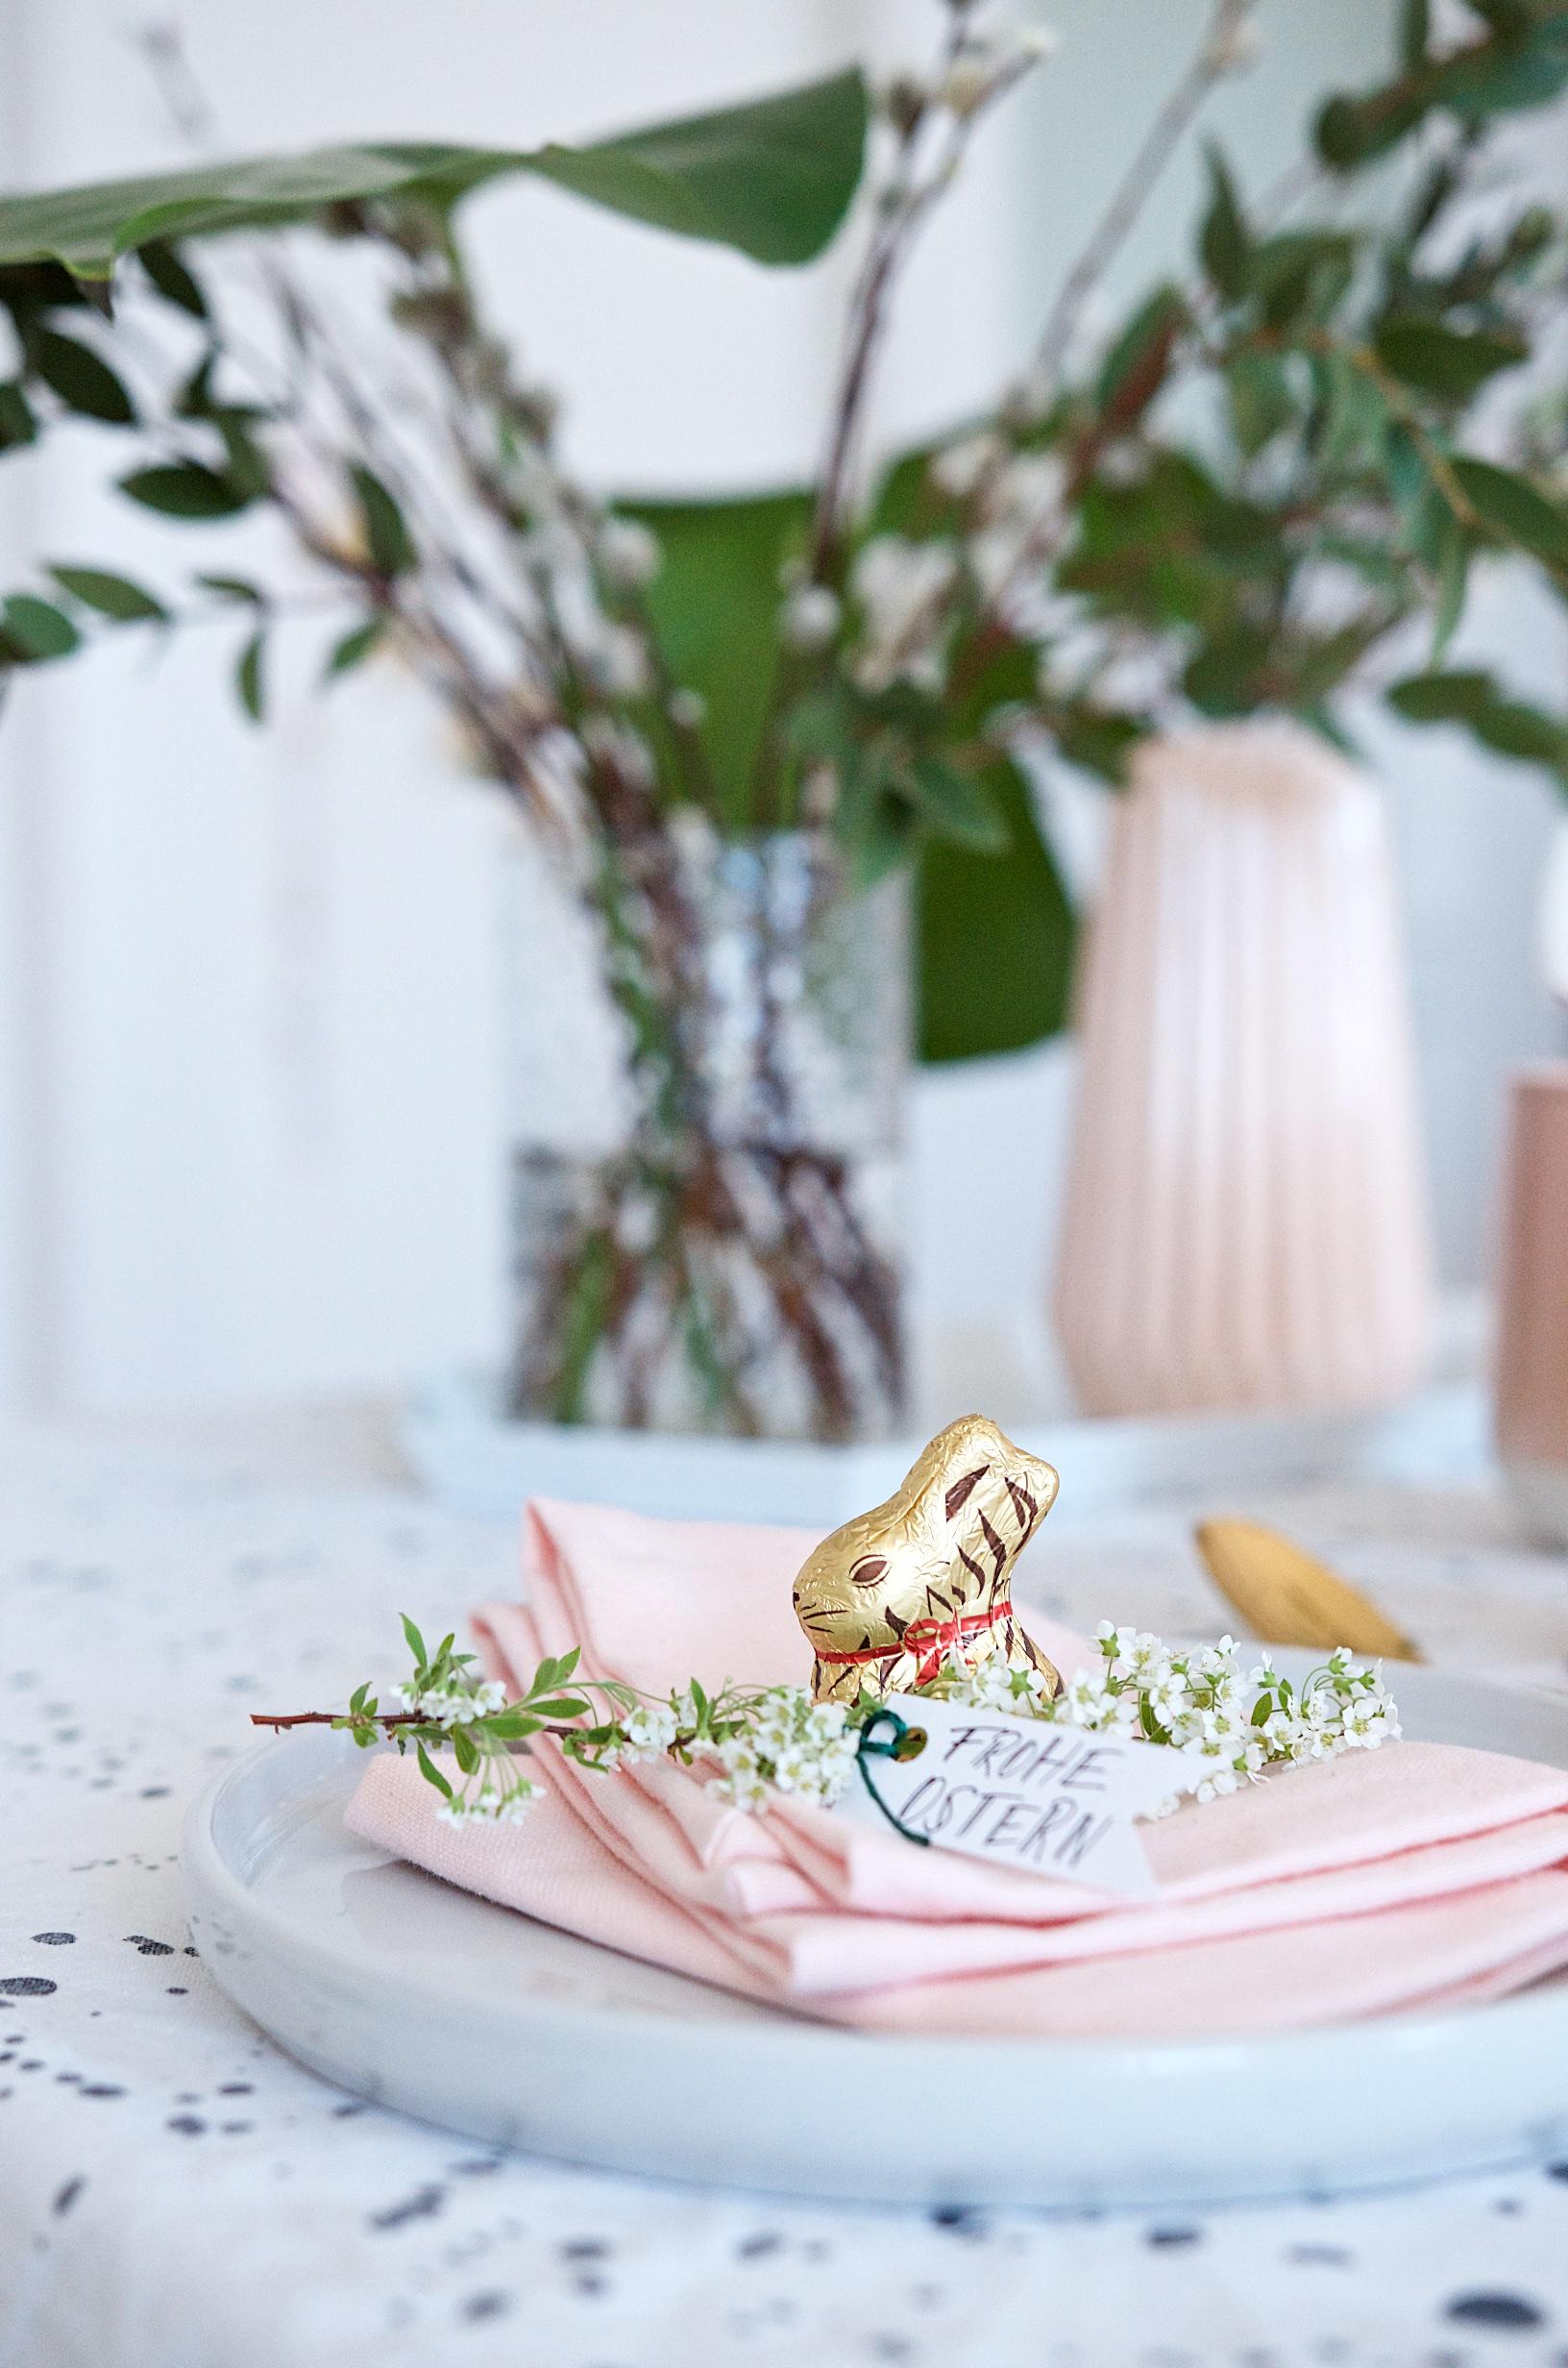 Zarte Tischdeko für den Osterbrunch mit kleinem Animal Print Goldhasen von Lindt